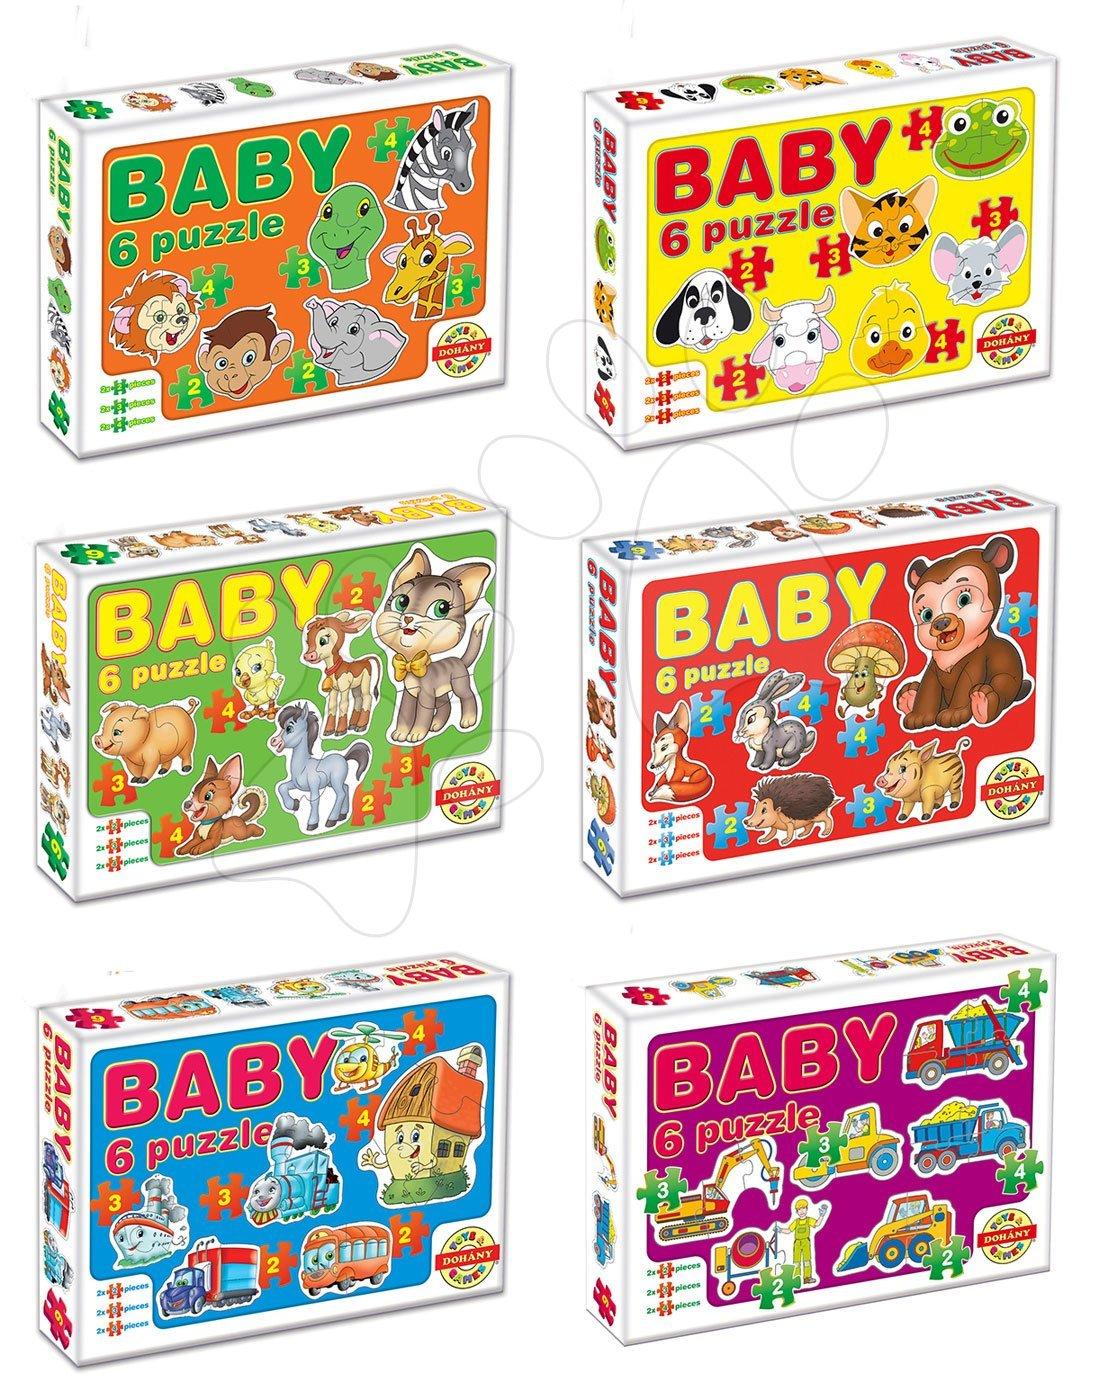 Baby puzzle Zvieratká a dopravné prostriedky Dohány 6-obrázkové od 24 mes